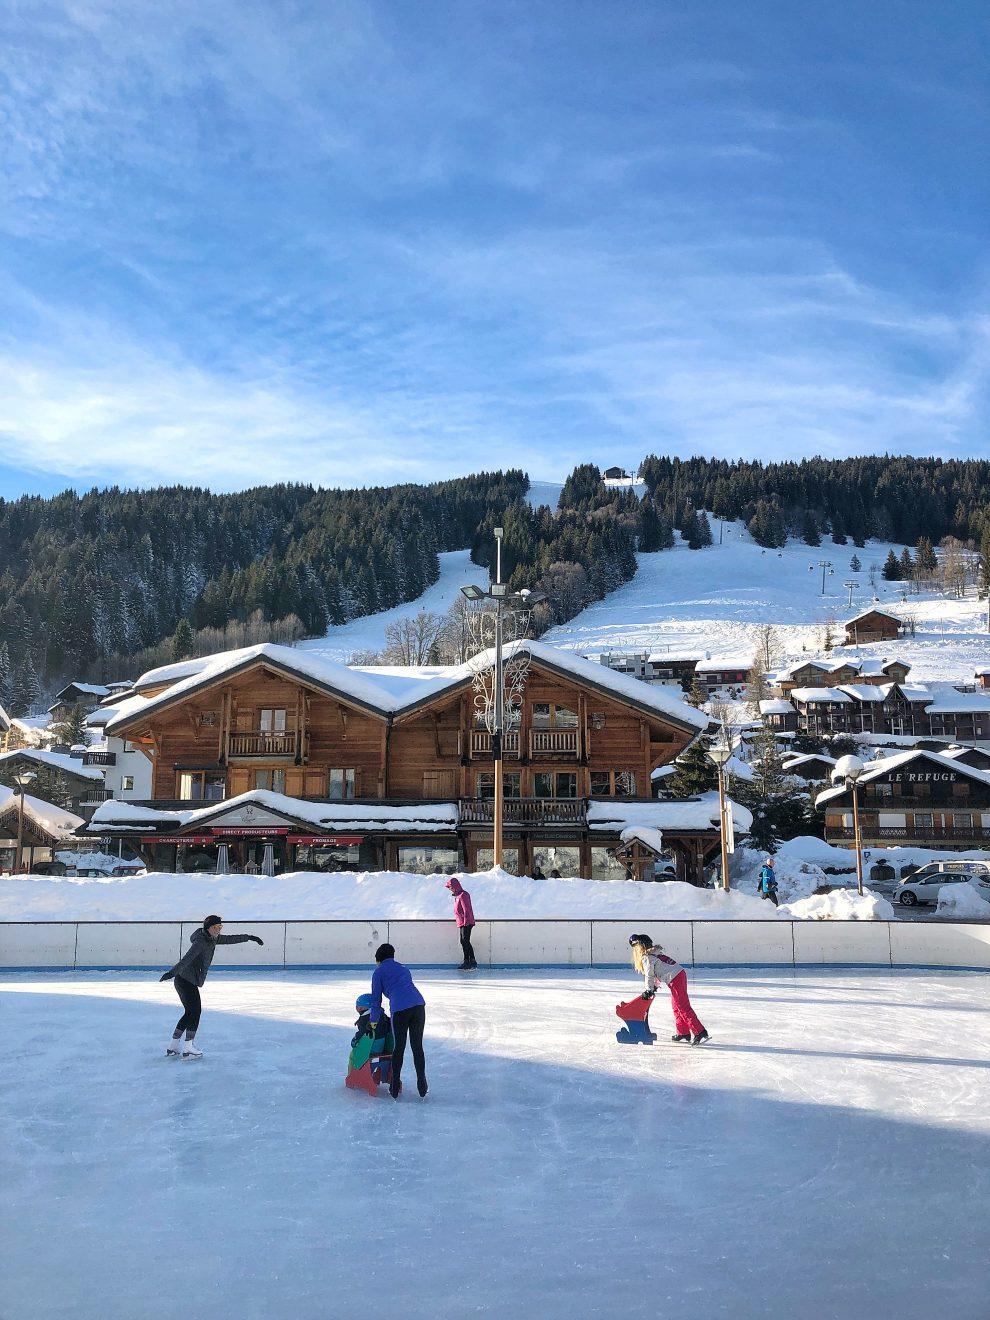 Wintersport Frankrijk Portes du Soleil ; Van Les Gets naar Avoriaz.Wintersport Frankrijk Portes du Soleil ; Van Les Gets naar Avoriaz.